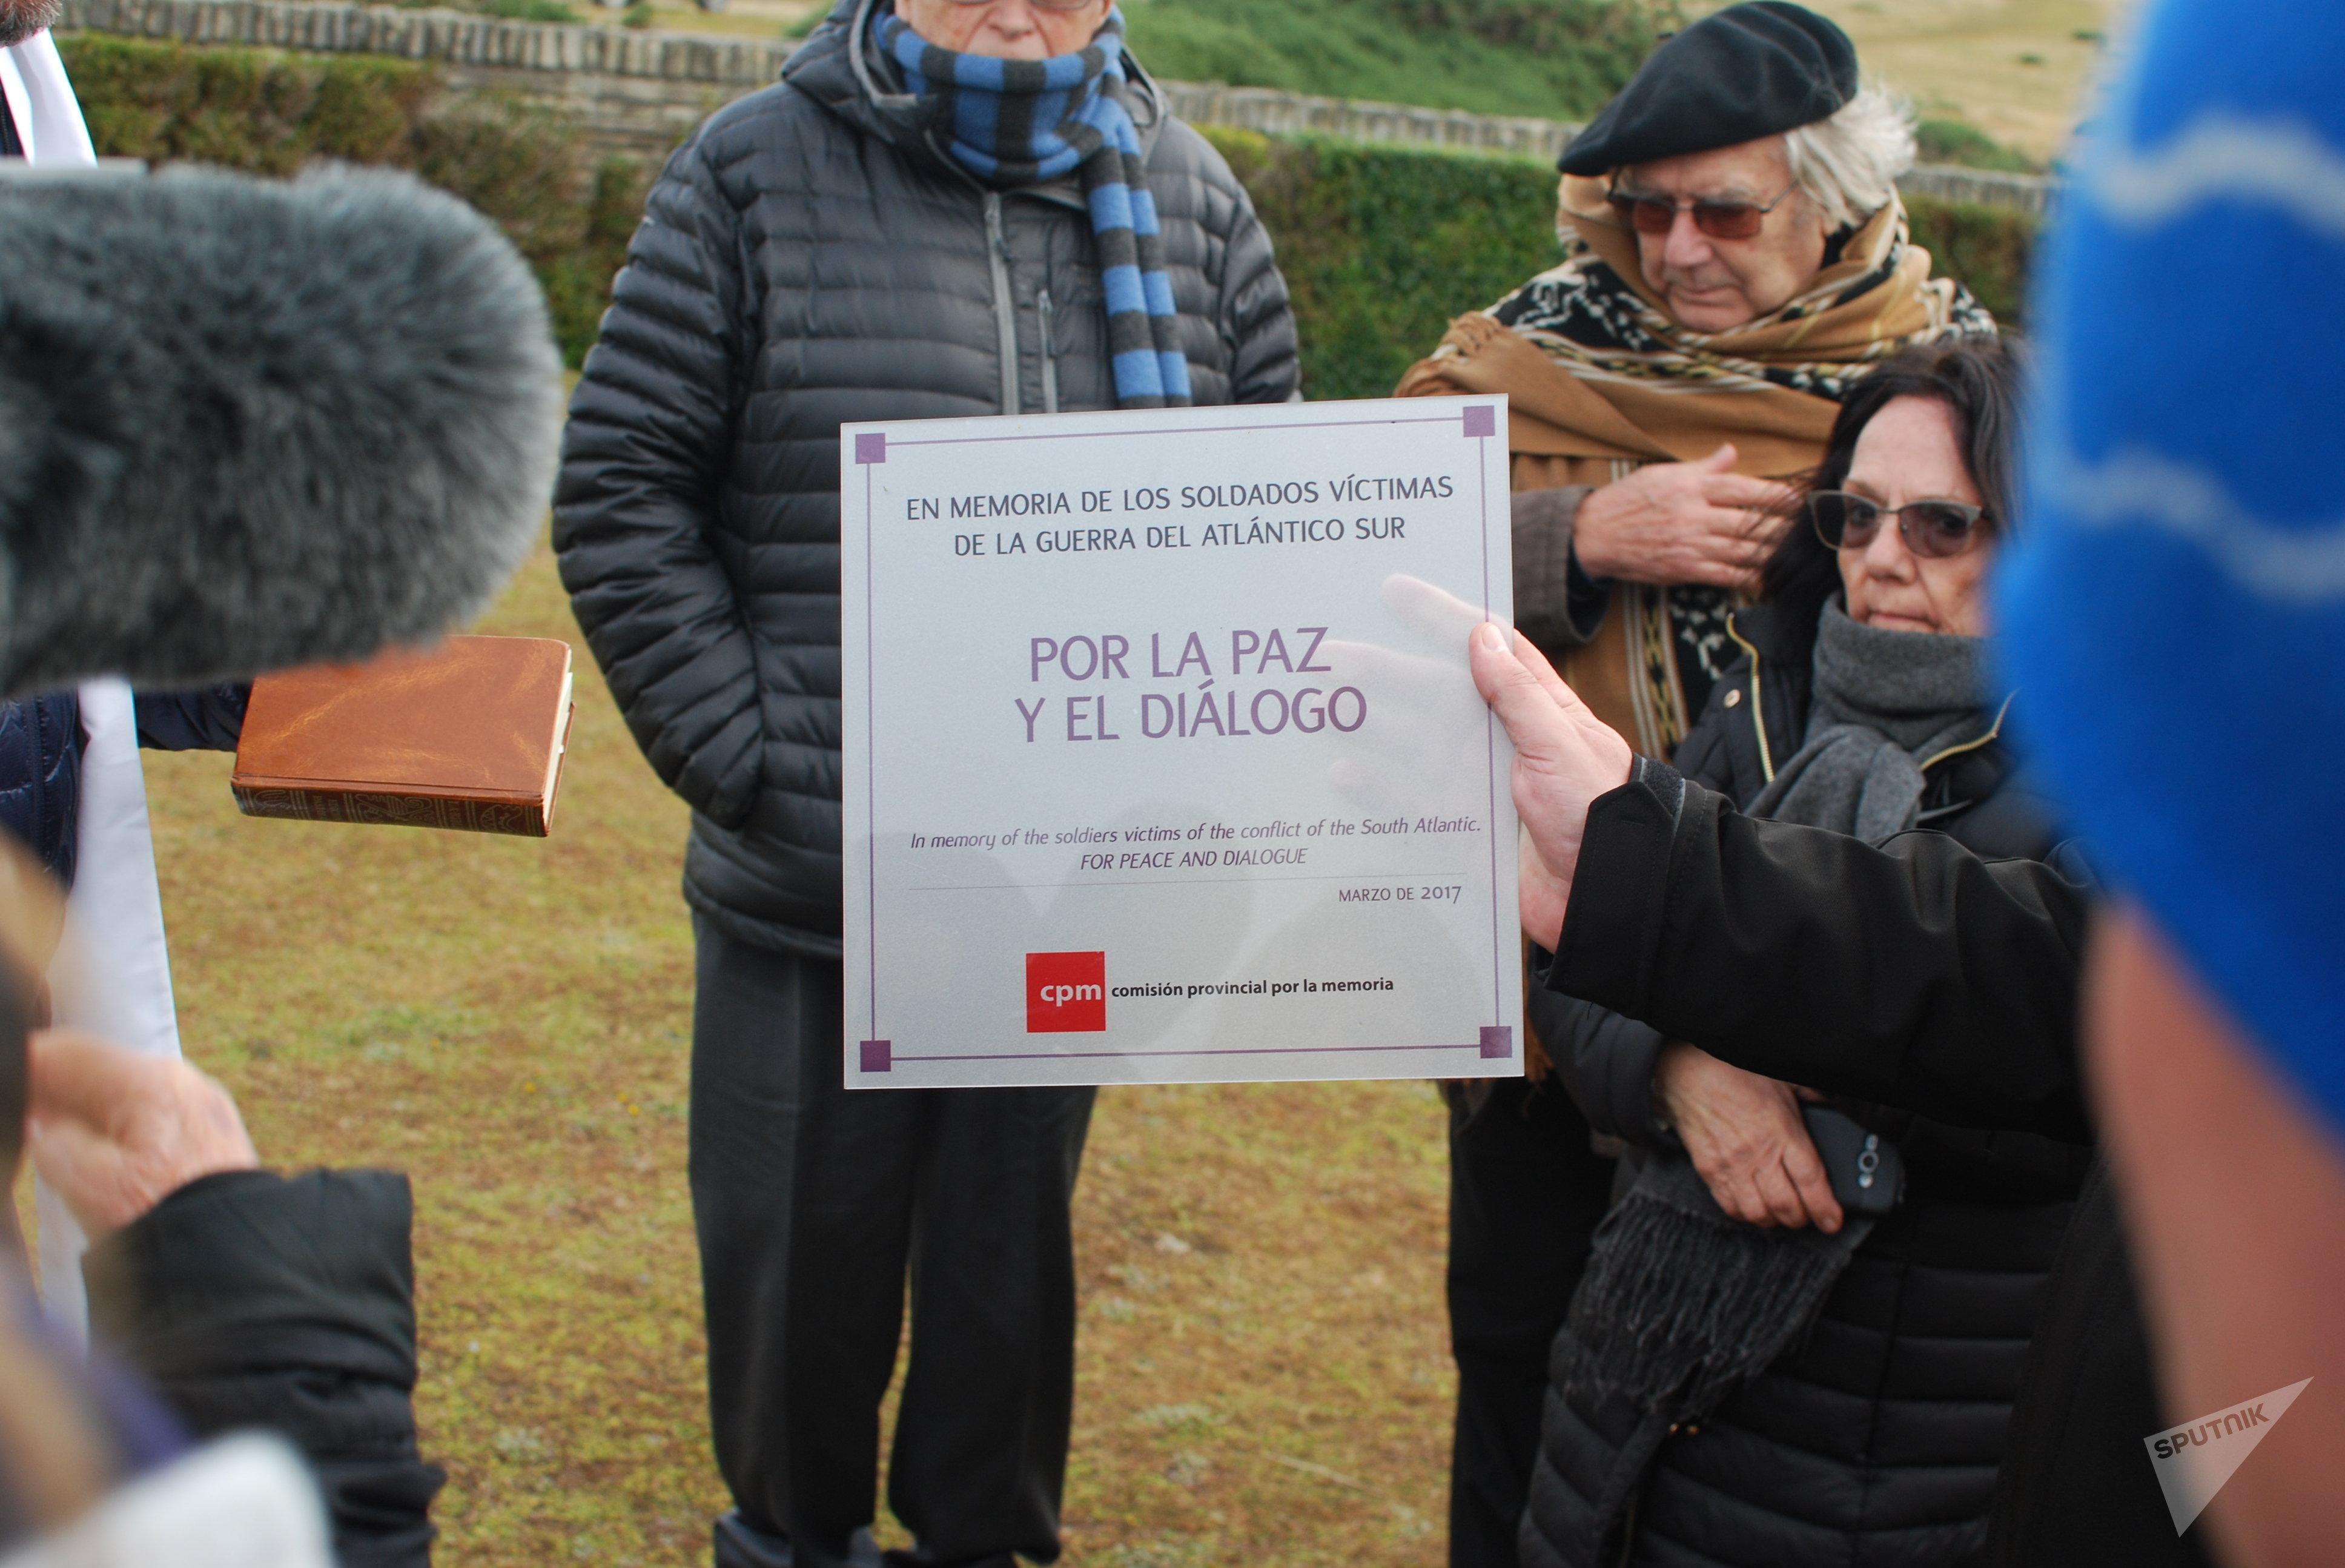 Placa pidiendo diálogo y entendimiento con los isleños depositada por la comitiva argentina en Malvinas en el Cementerio de San Carlos, donde yacen los soldados británicos de la guerra de 1982